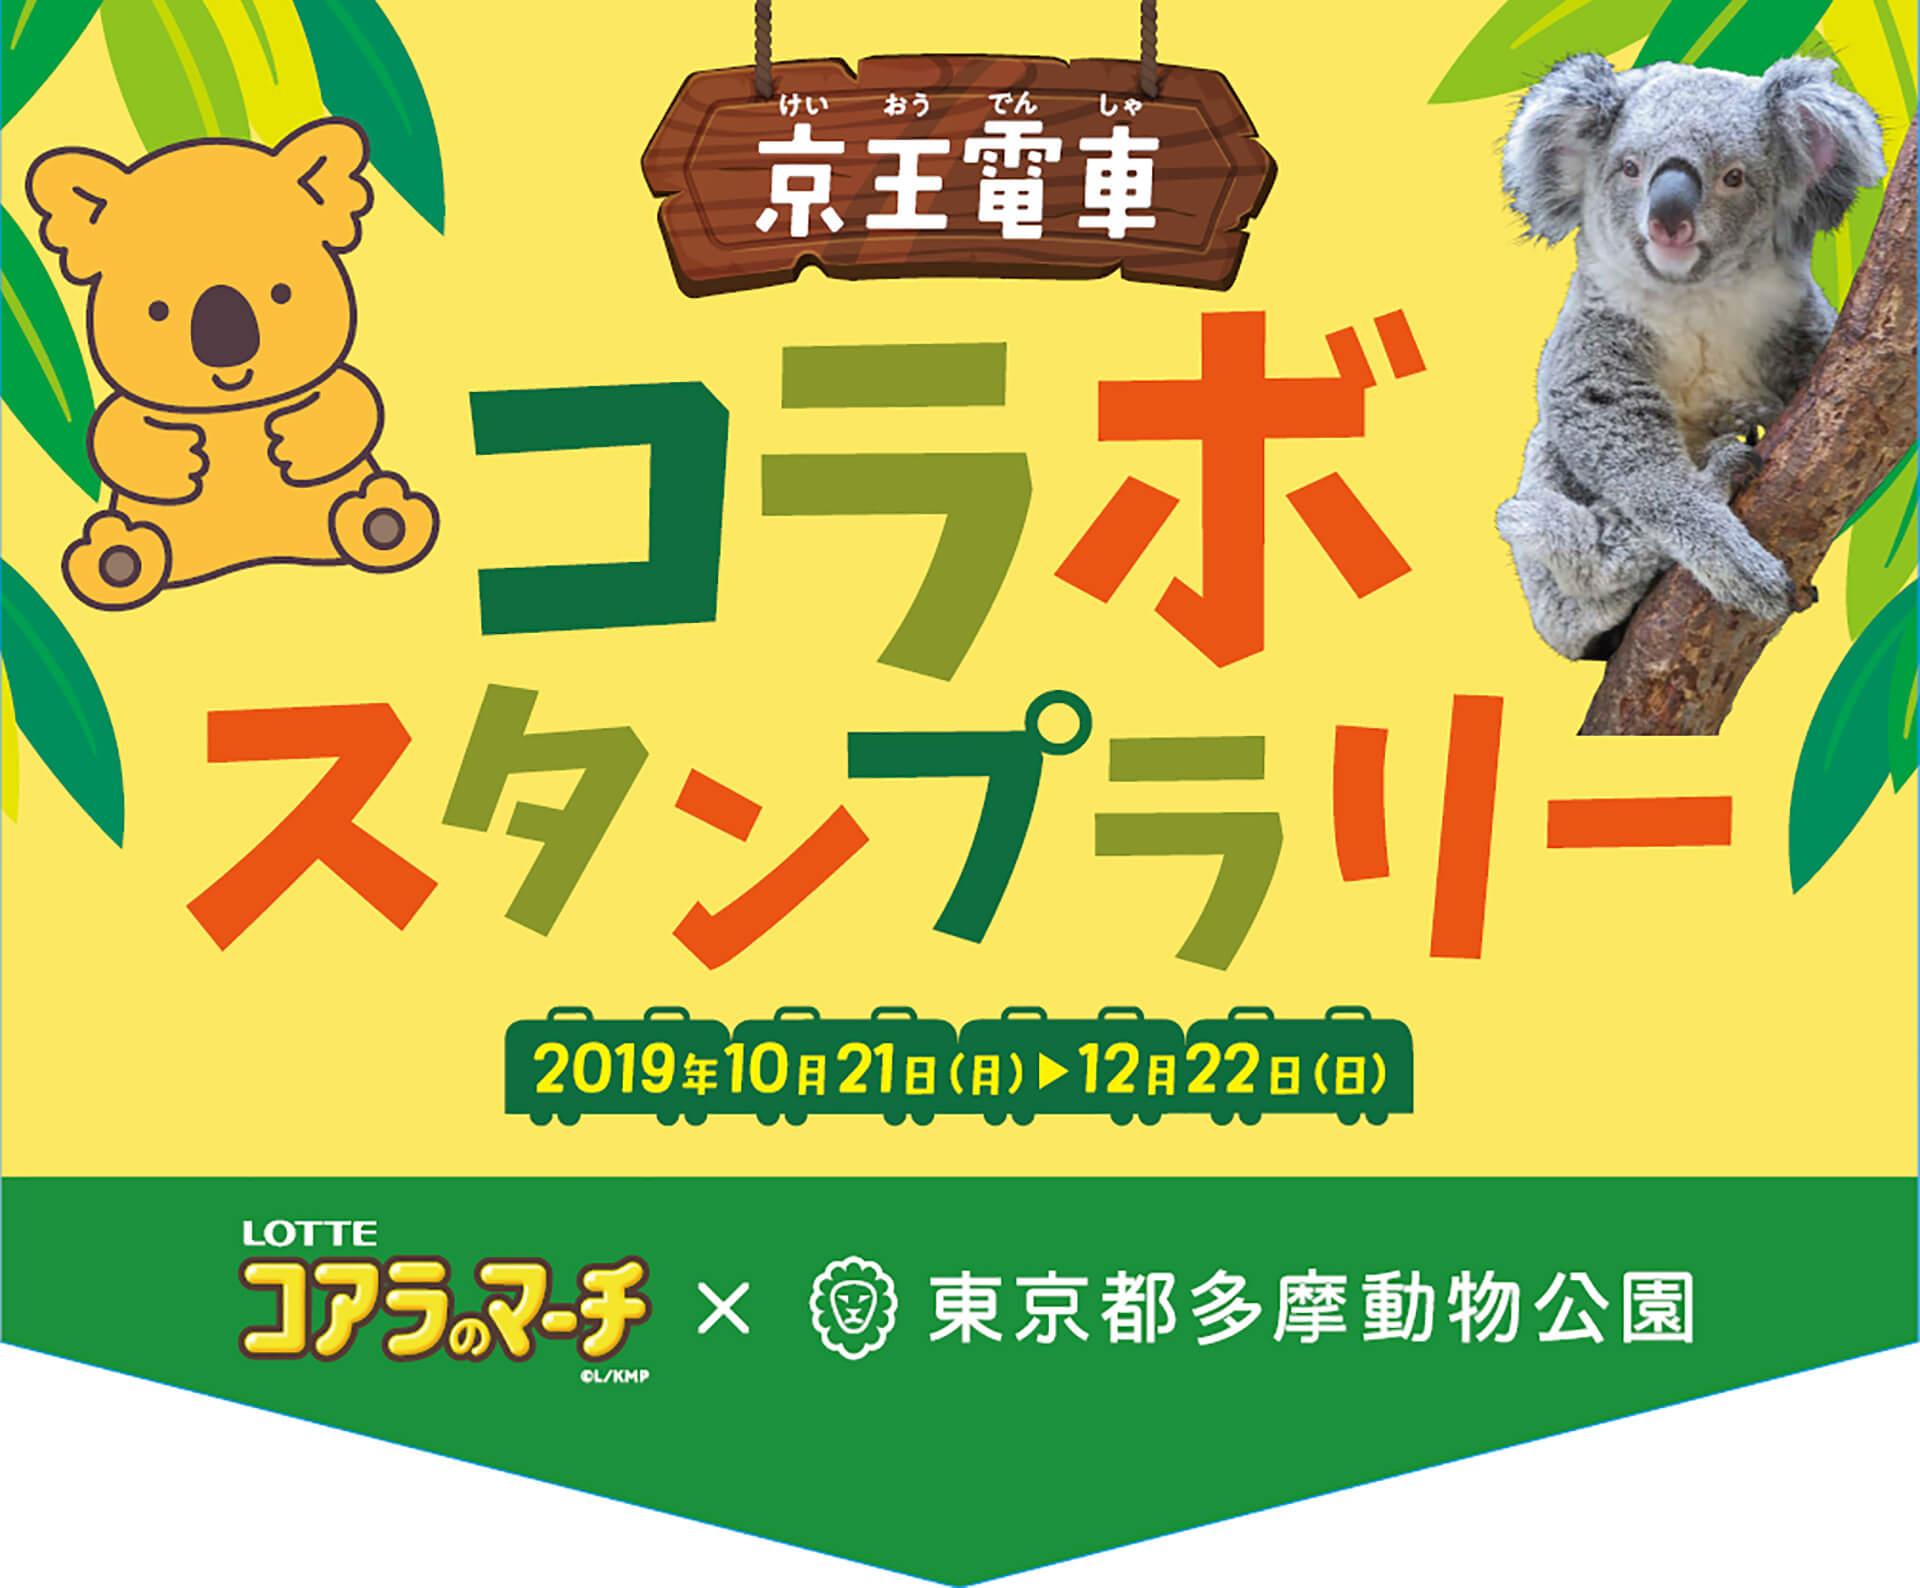 コアラ来園・コアラのマーチ発売 35周年記念スタンプラリーバナー